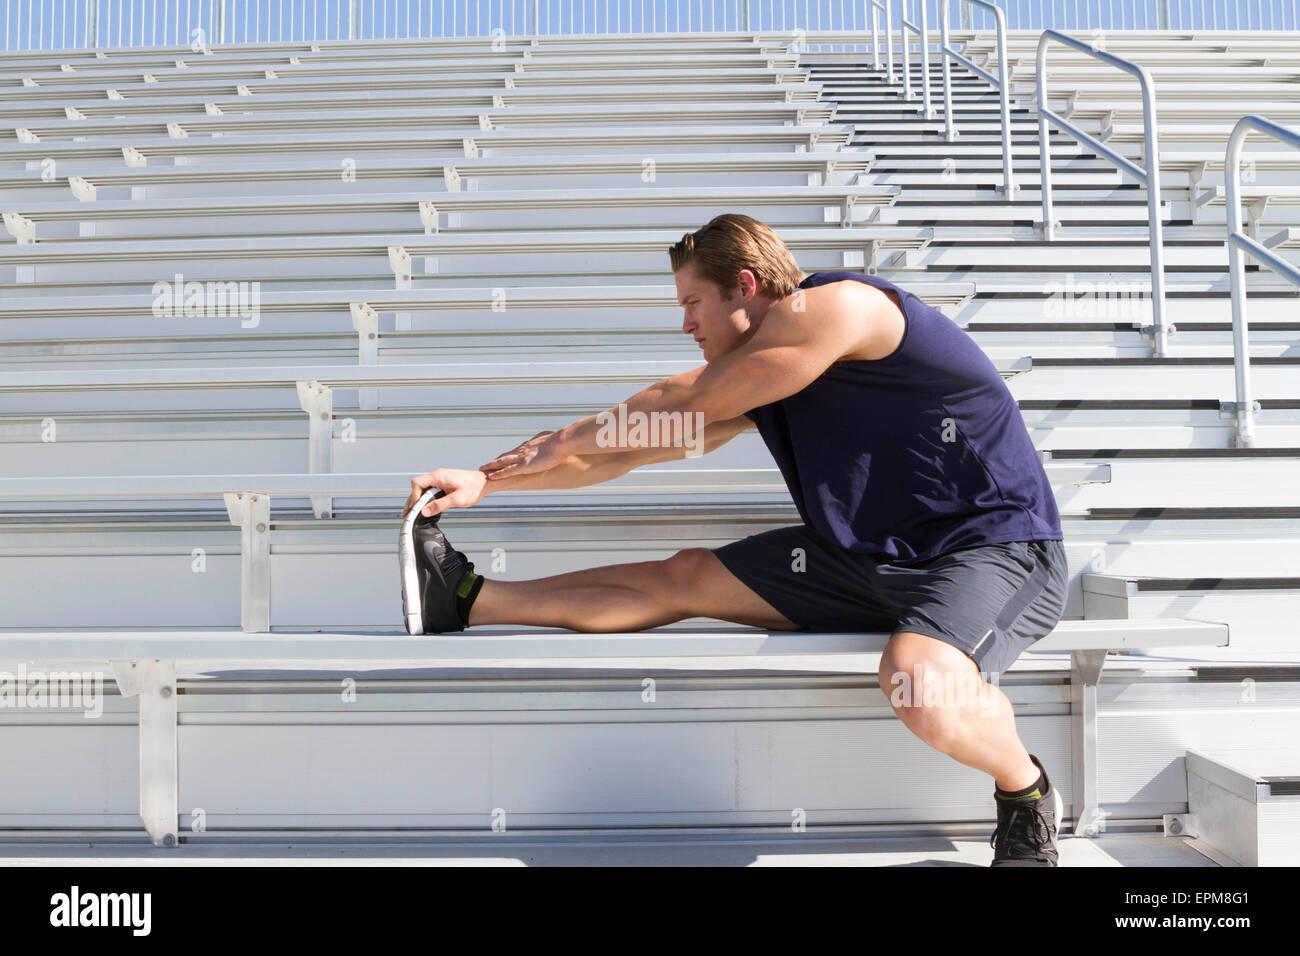 California, Estados Unidos, San Luis Obispo, joven haciendo ejercicios de estiramiento en una tribuna Imagen De Stock